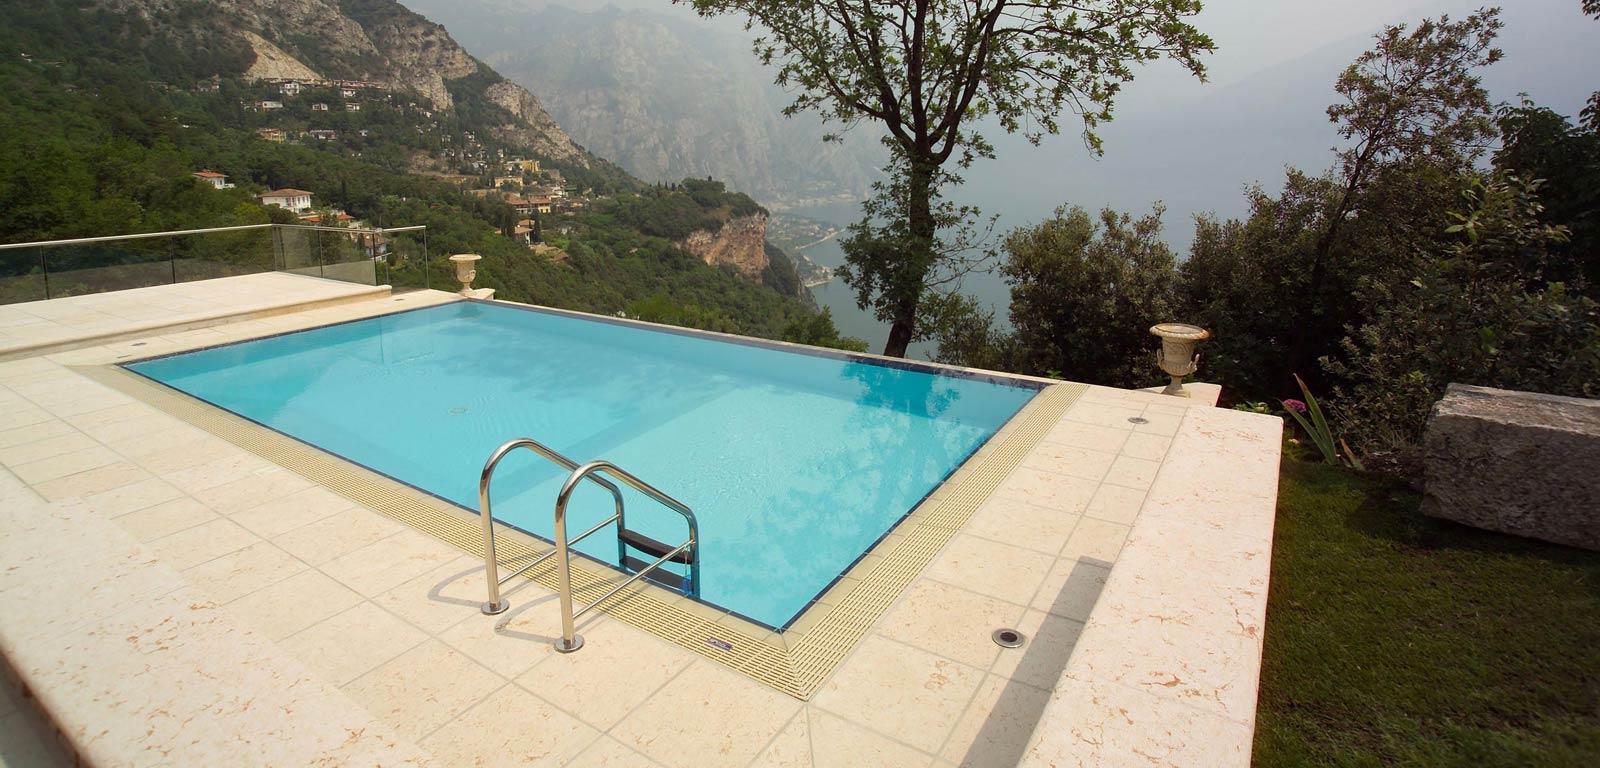 Piscine a sfioro cvp italia - Piccole piscine da giardino ...